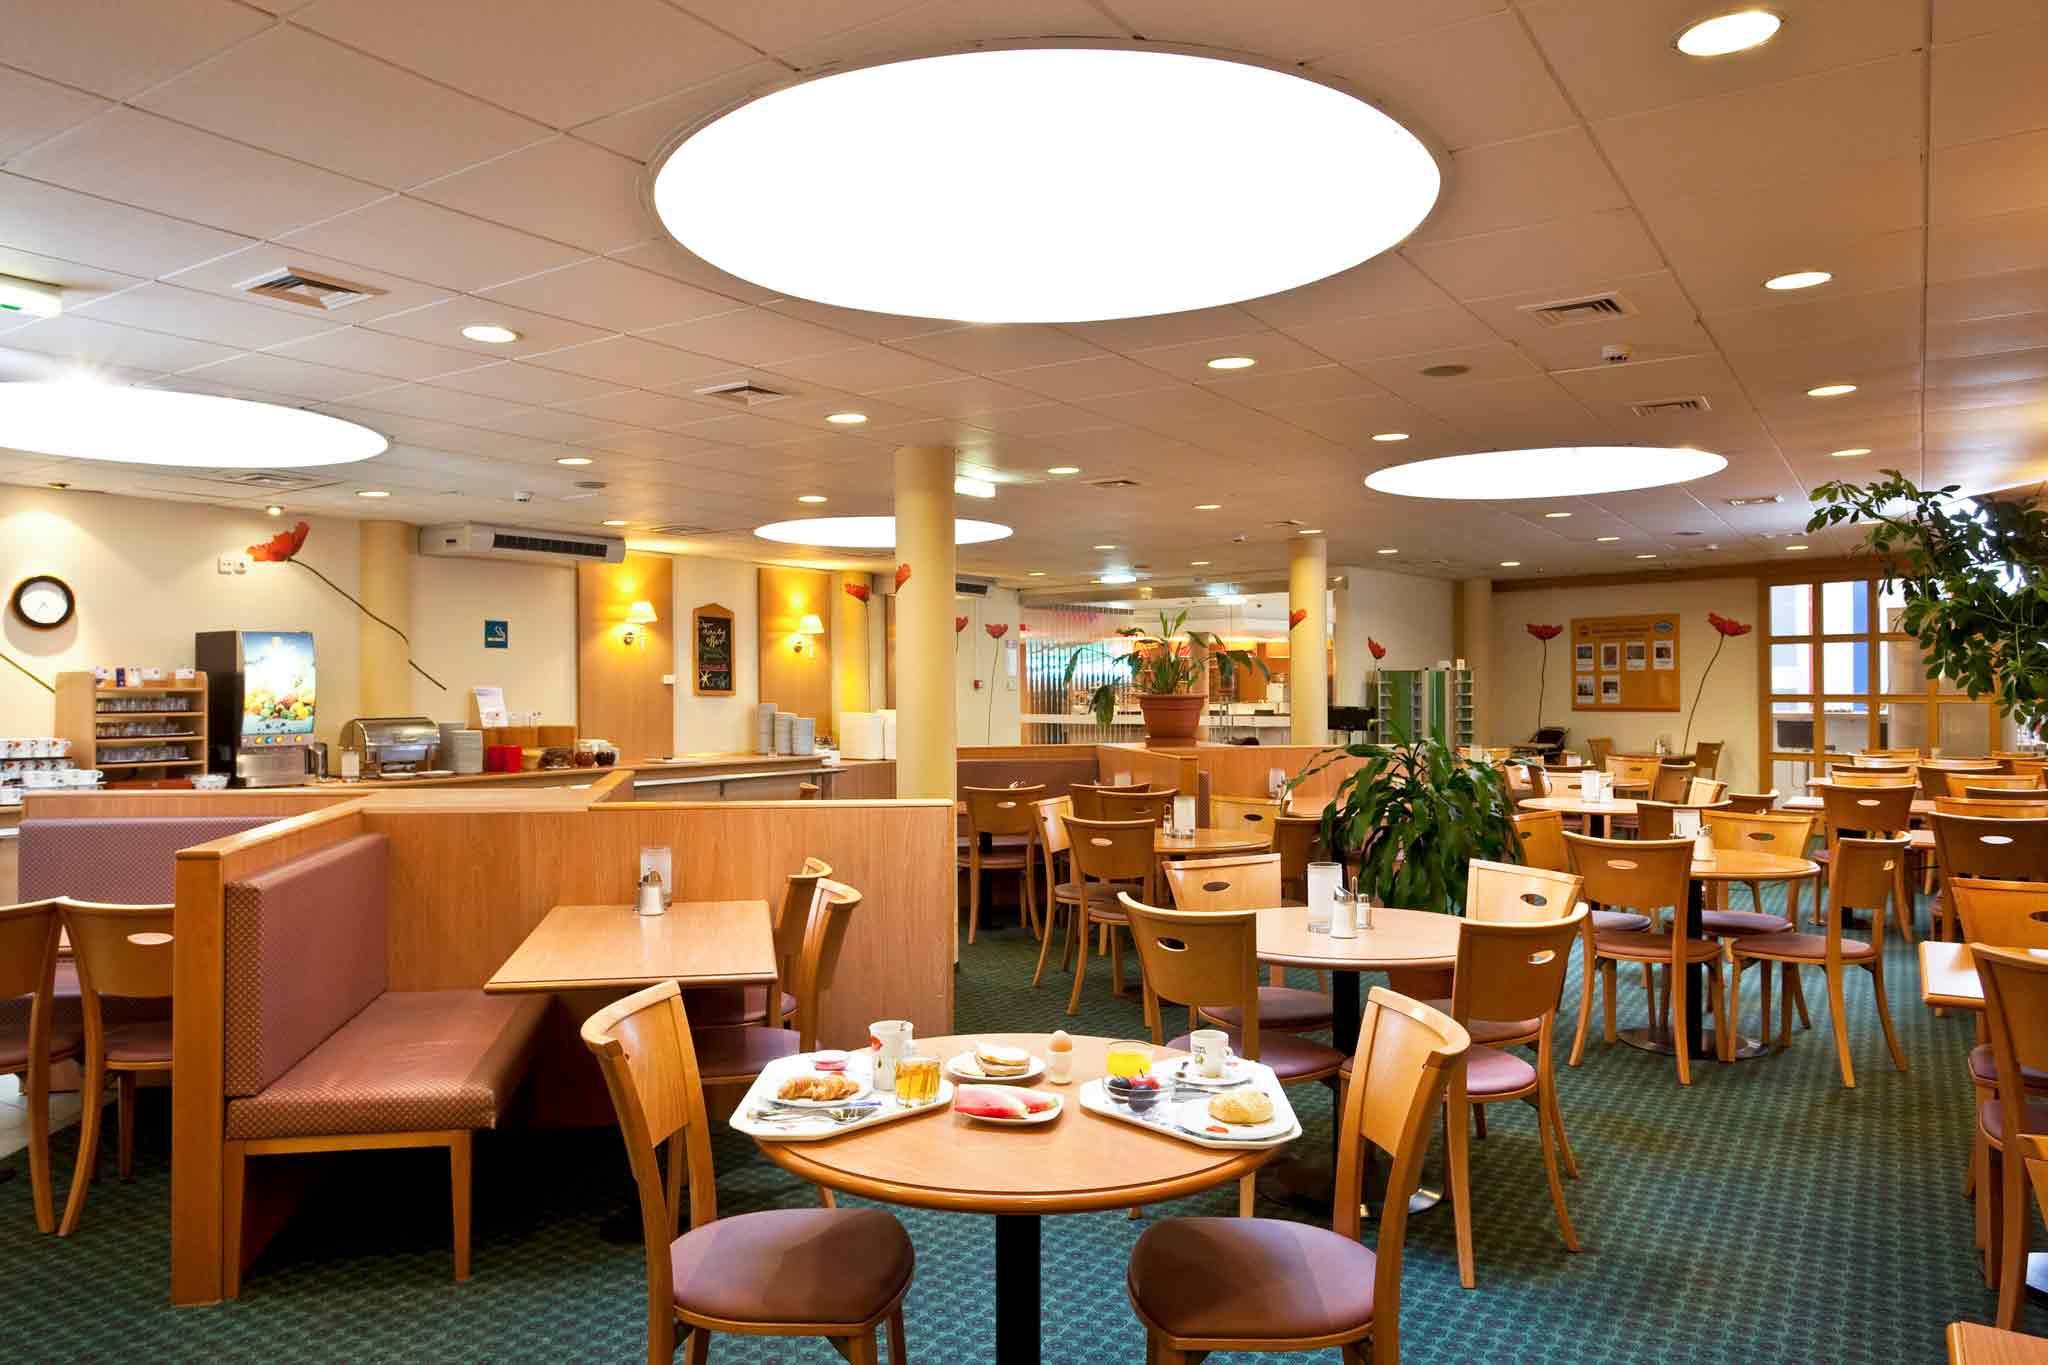 Ibis Budapest Centrum Ресторанно-буфетное обслуживание